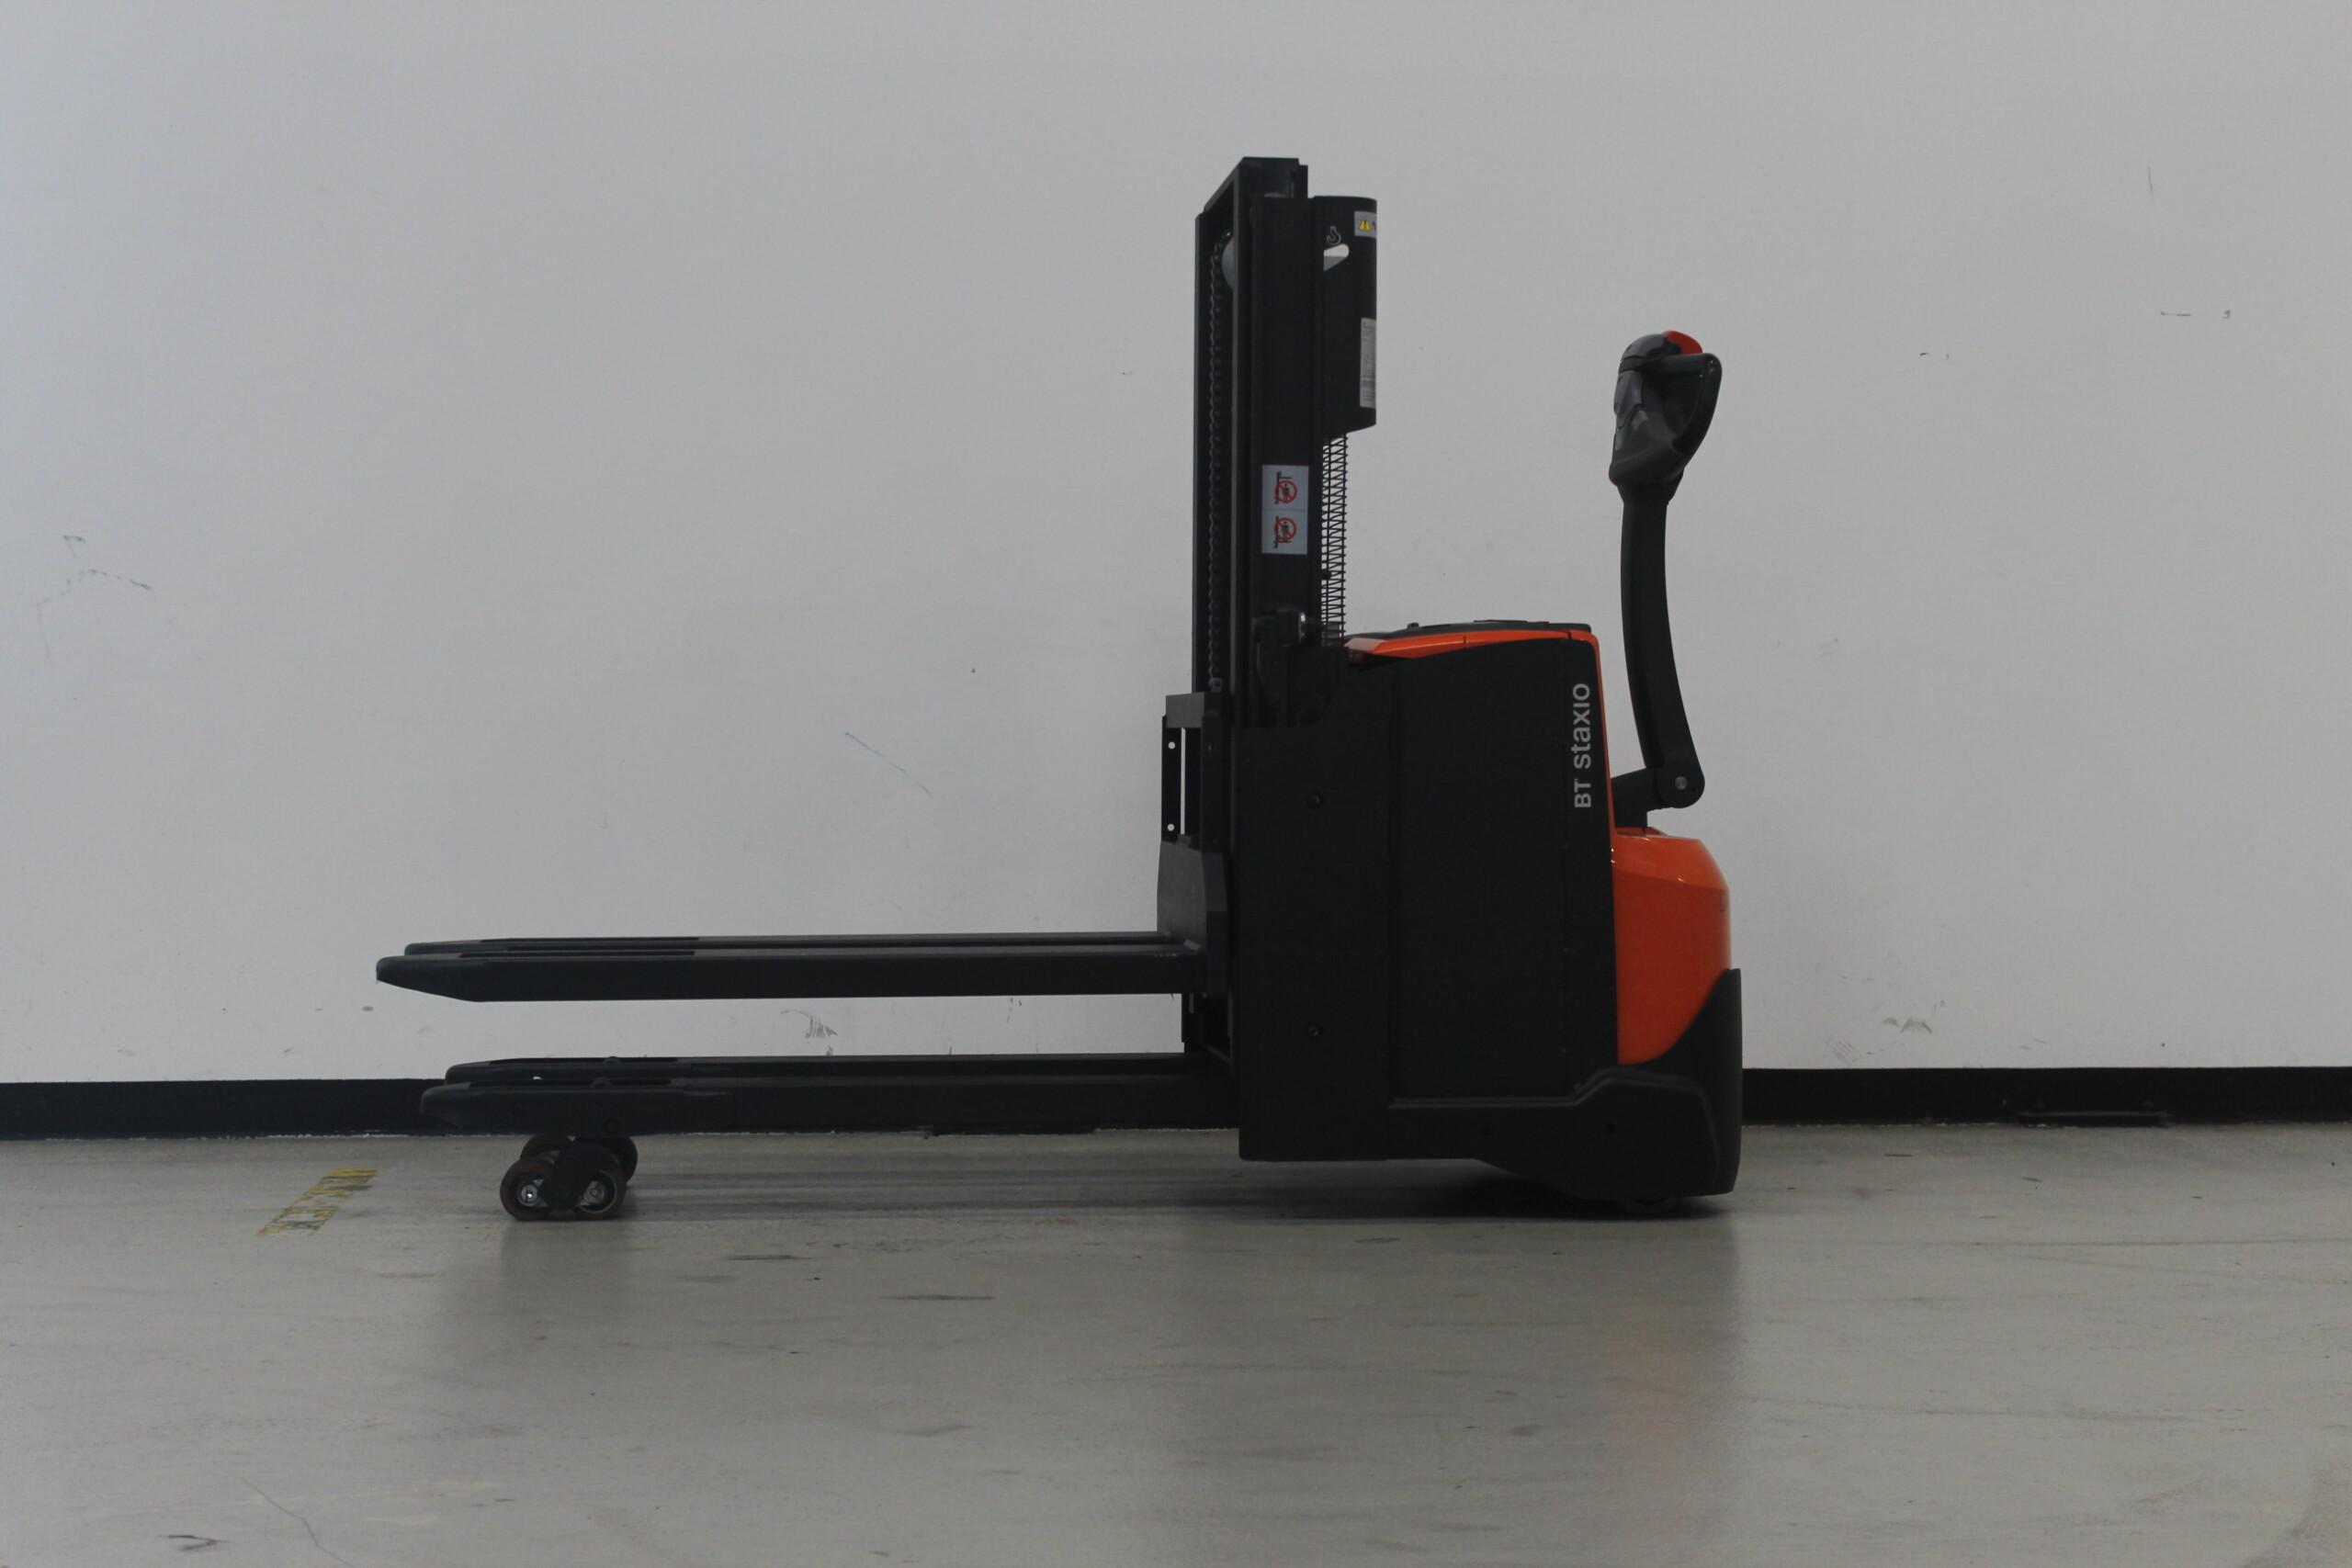 Toyota-Gabelstapler-59840 1610083128 1 7 scaled